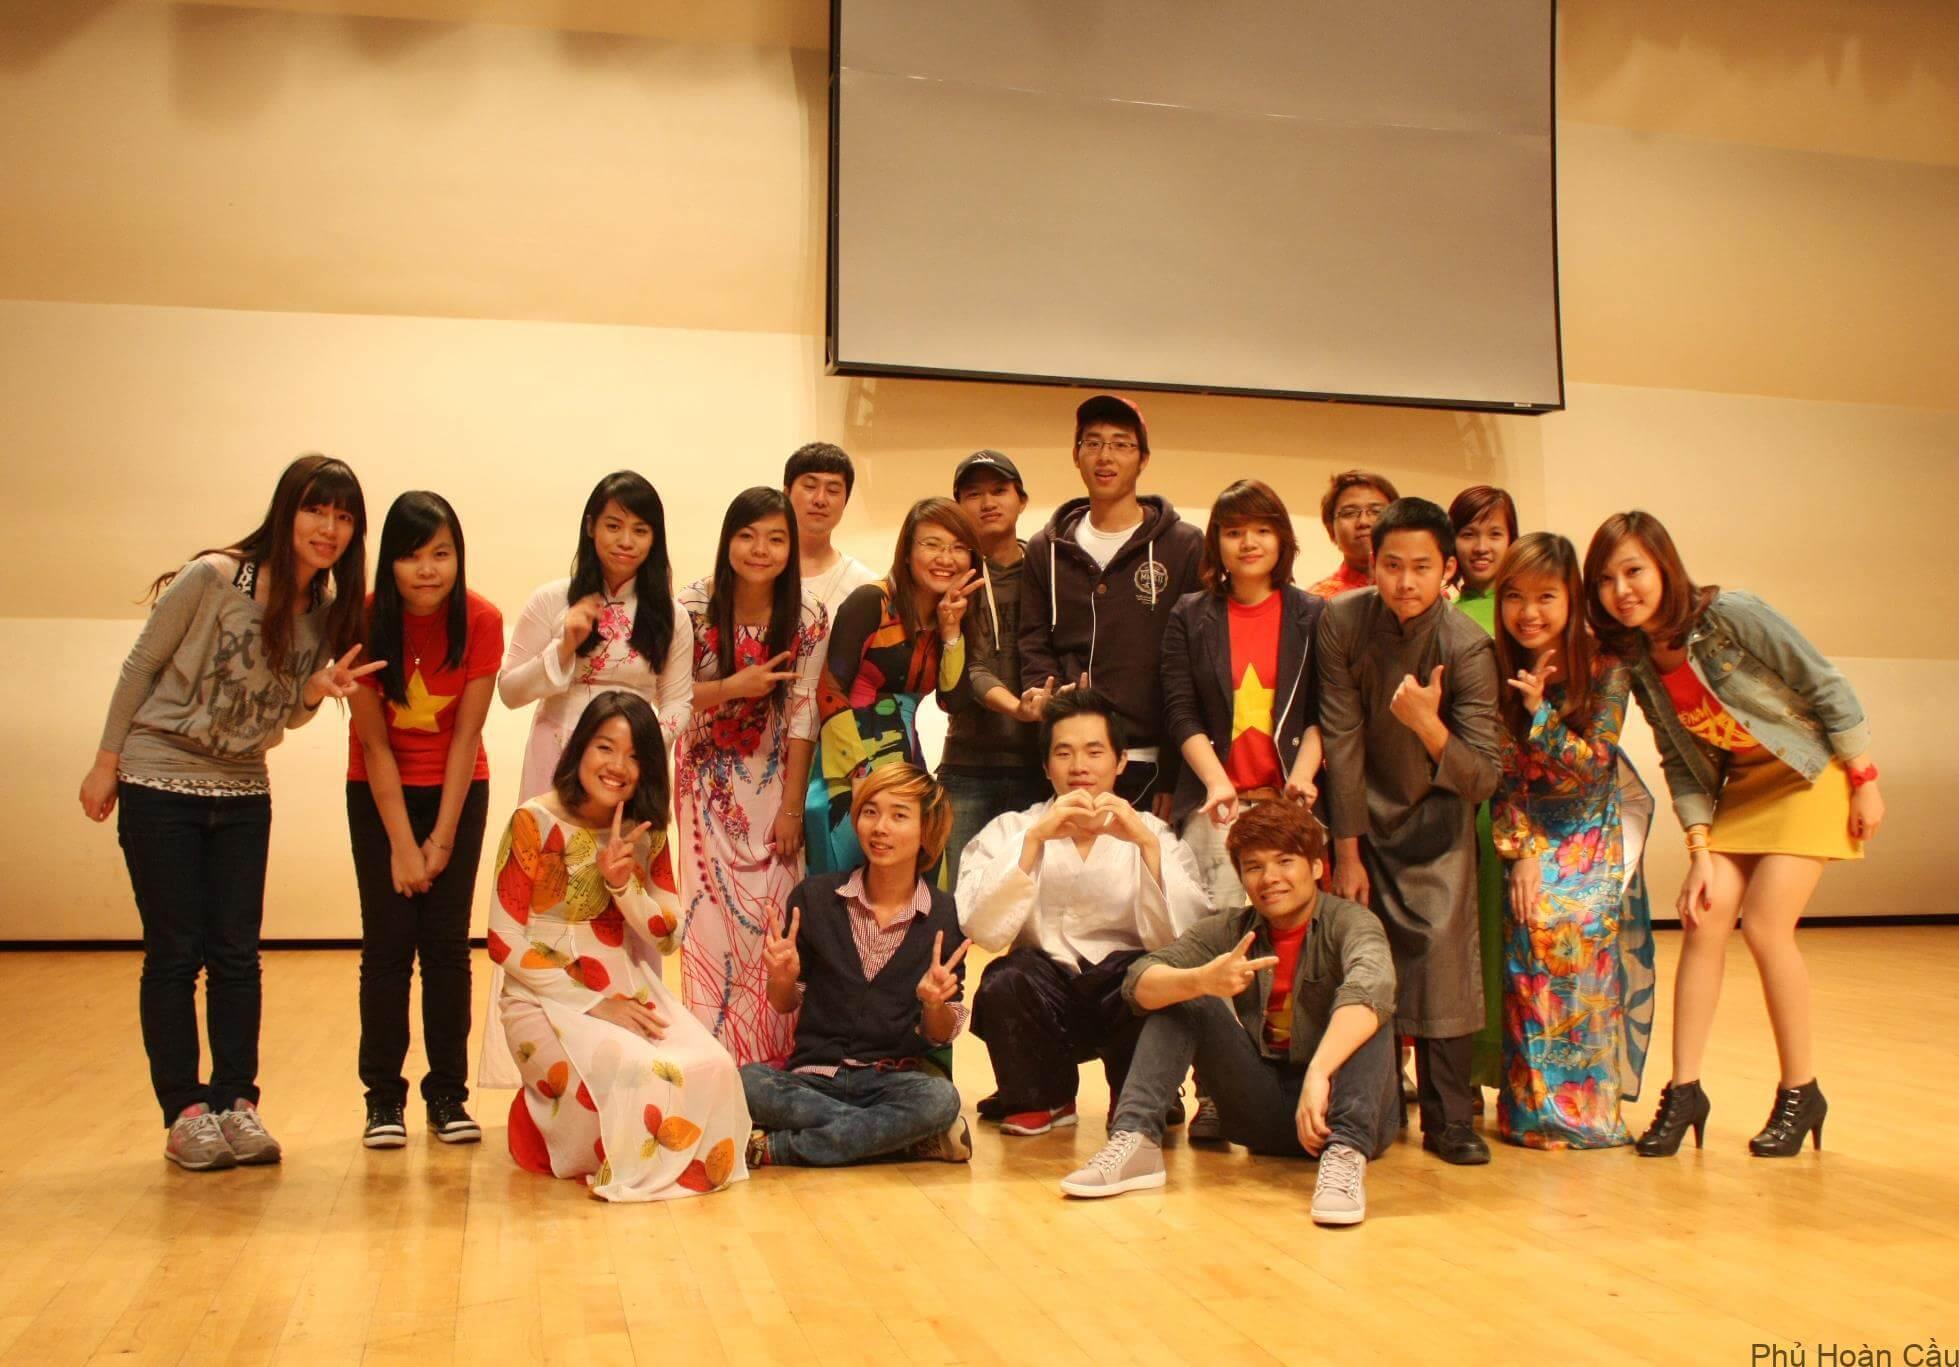 Học bổng du học Hàn Quốc đại học Seoul đòi hỏi sinh viên phải toàn diện các kỹ năng